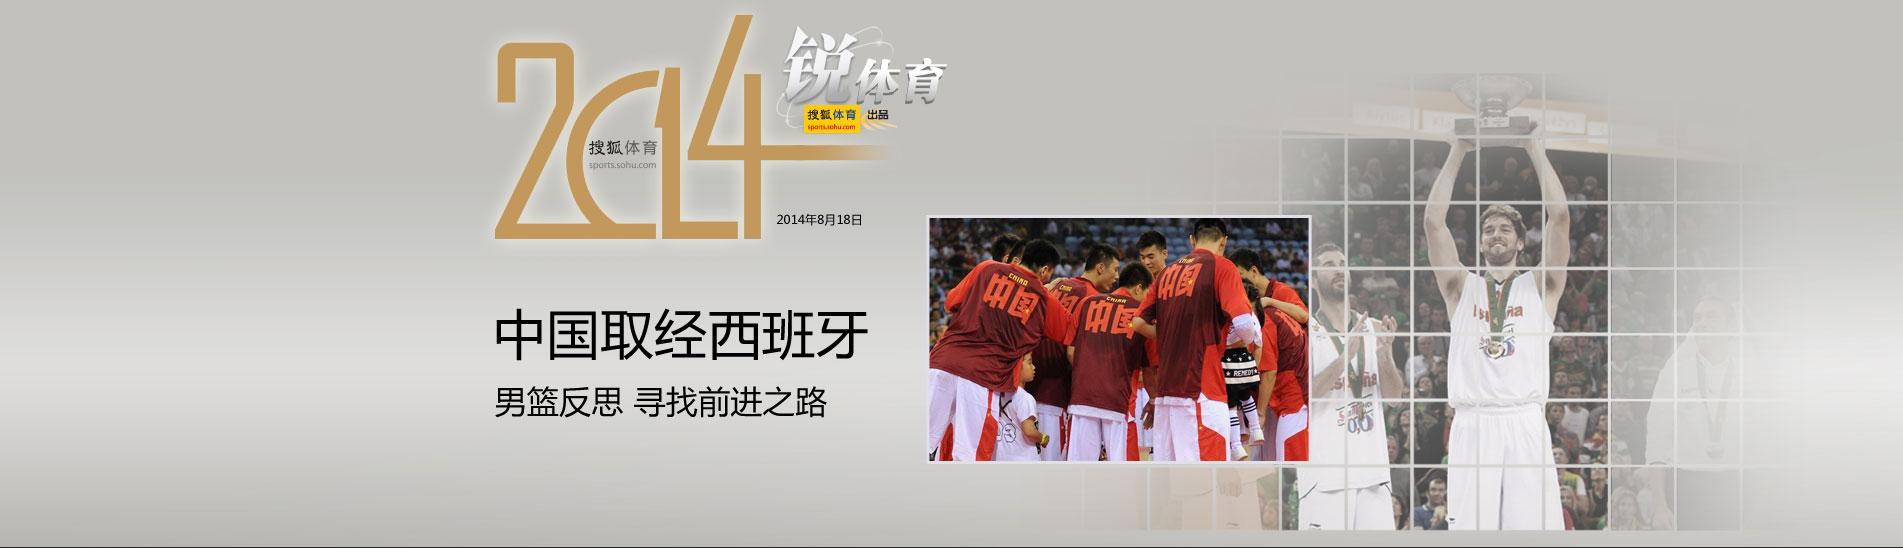 西班牙男篮,中国男篮